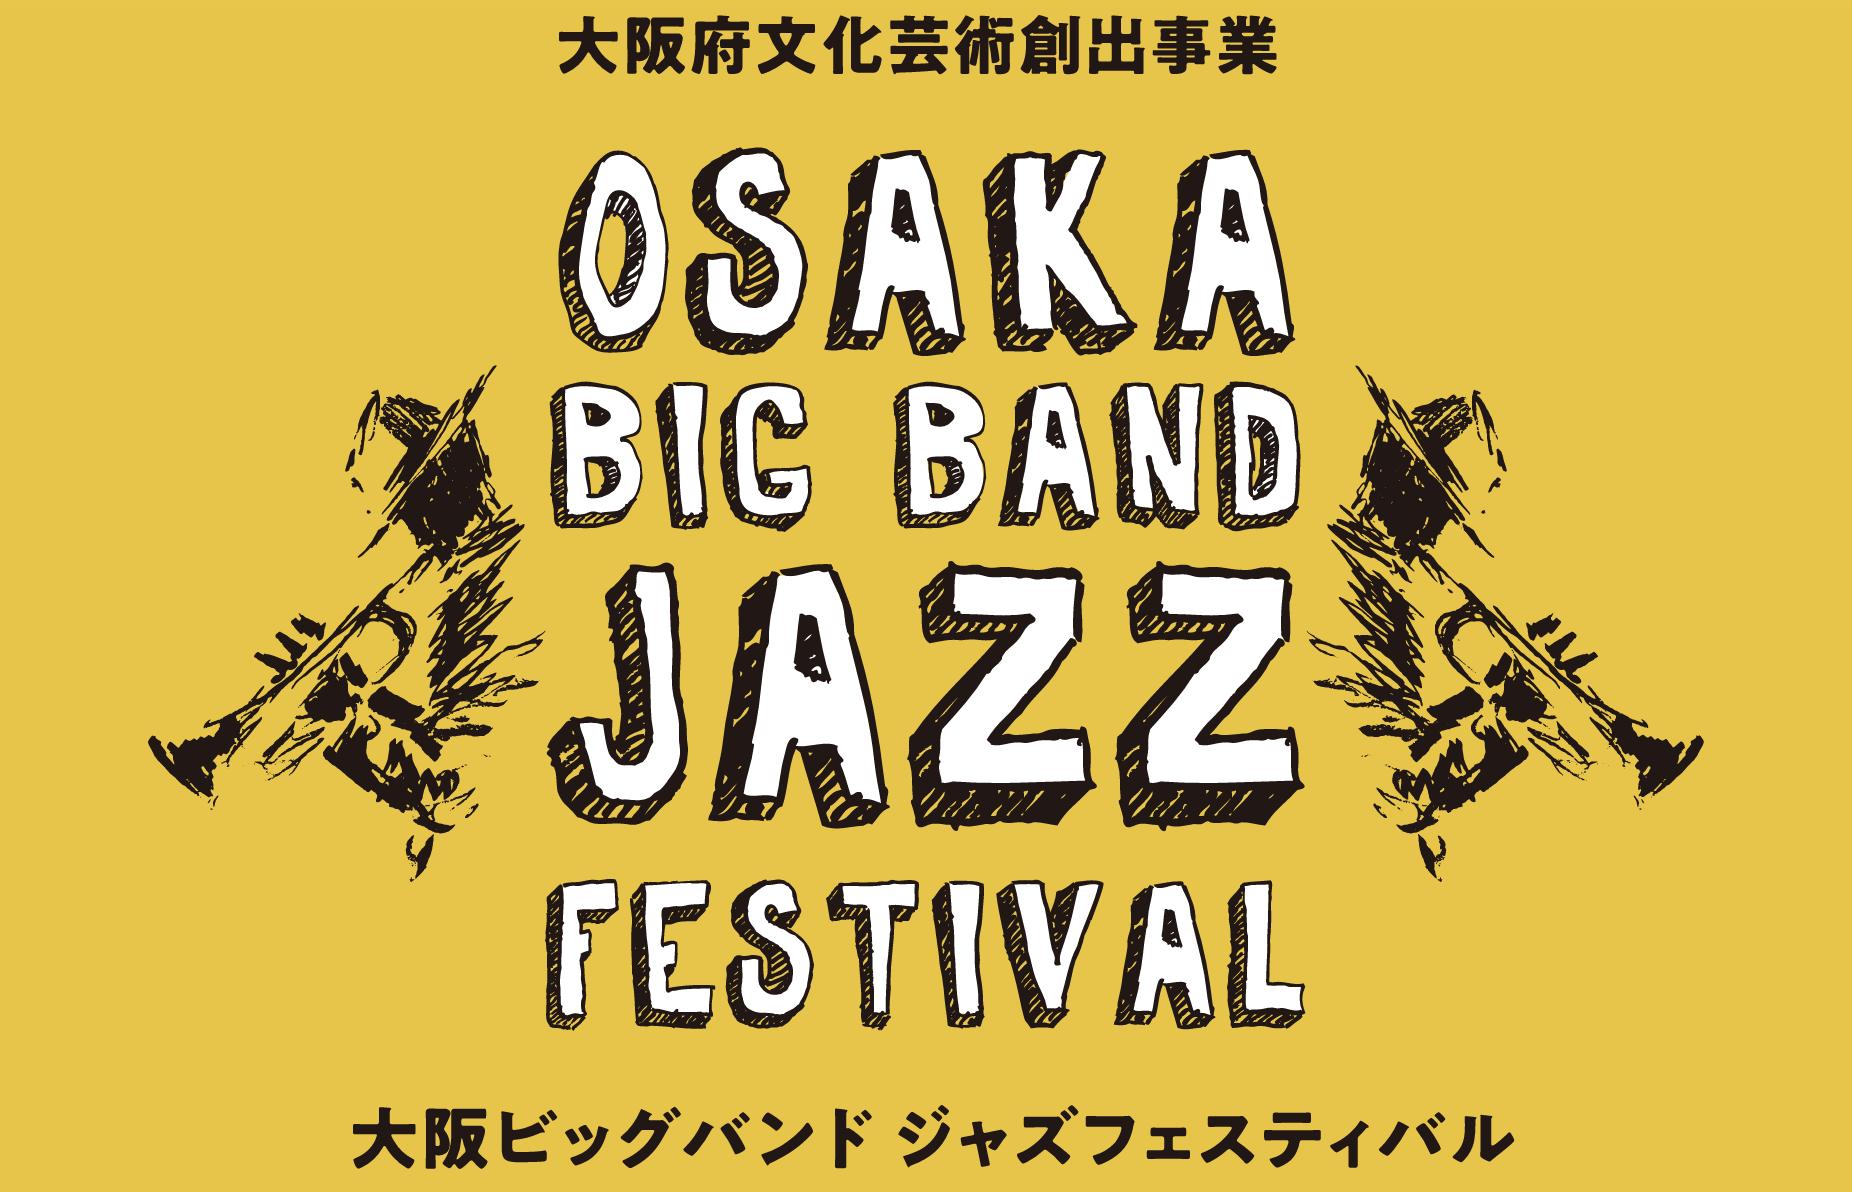 大阪ビッグバンドジャズフェスティバル